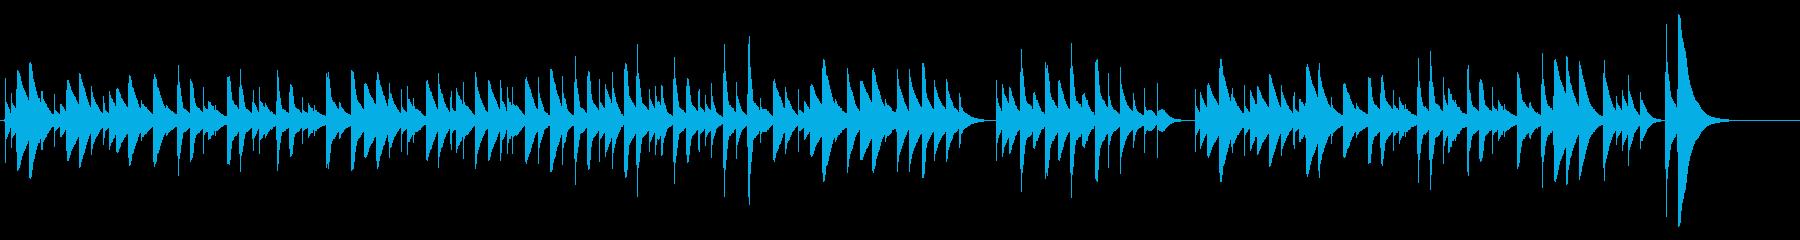 ねこふんじゃったのオルゴールバージョンの再生済みの波形